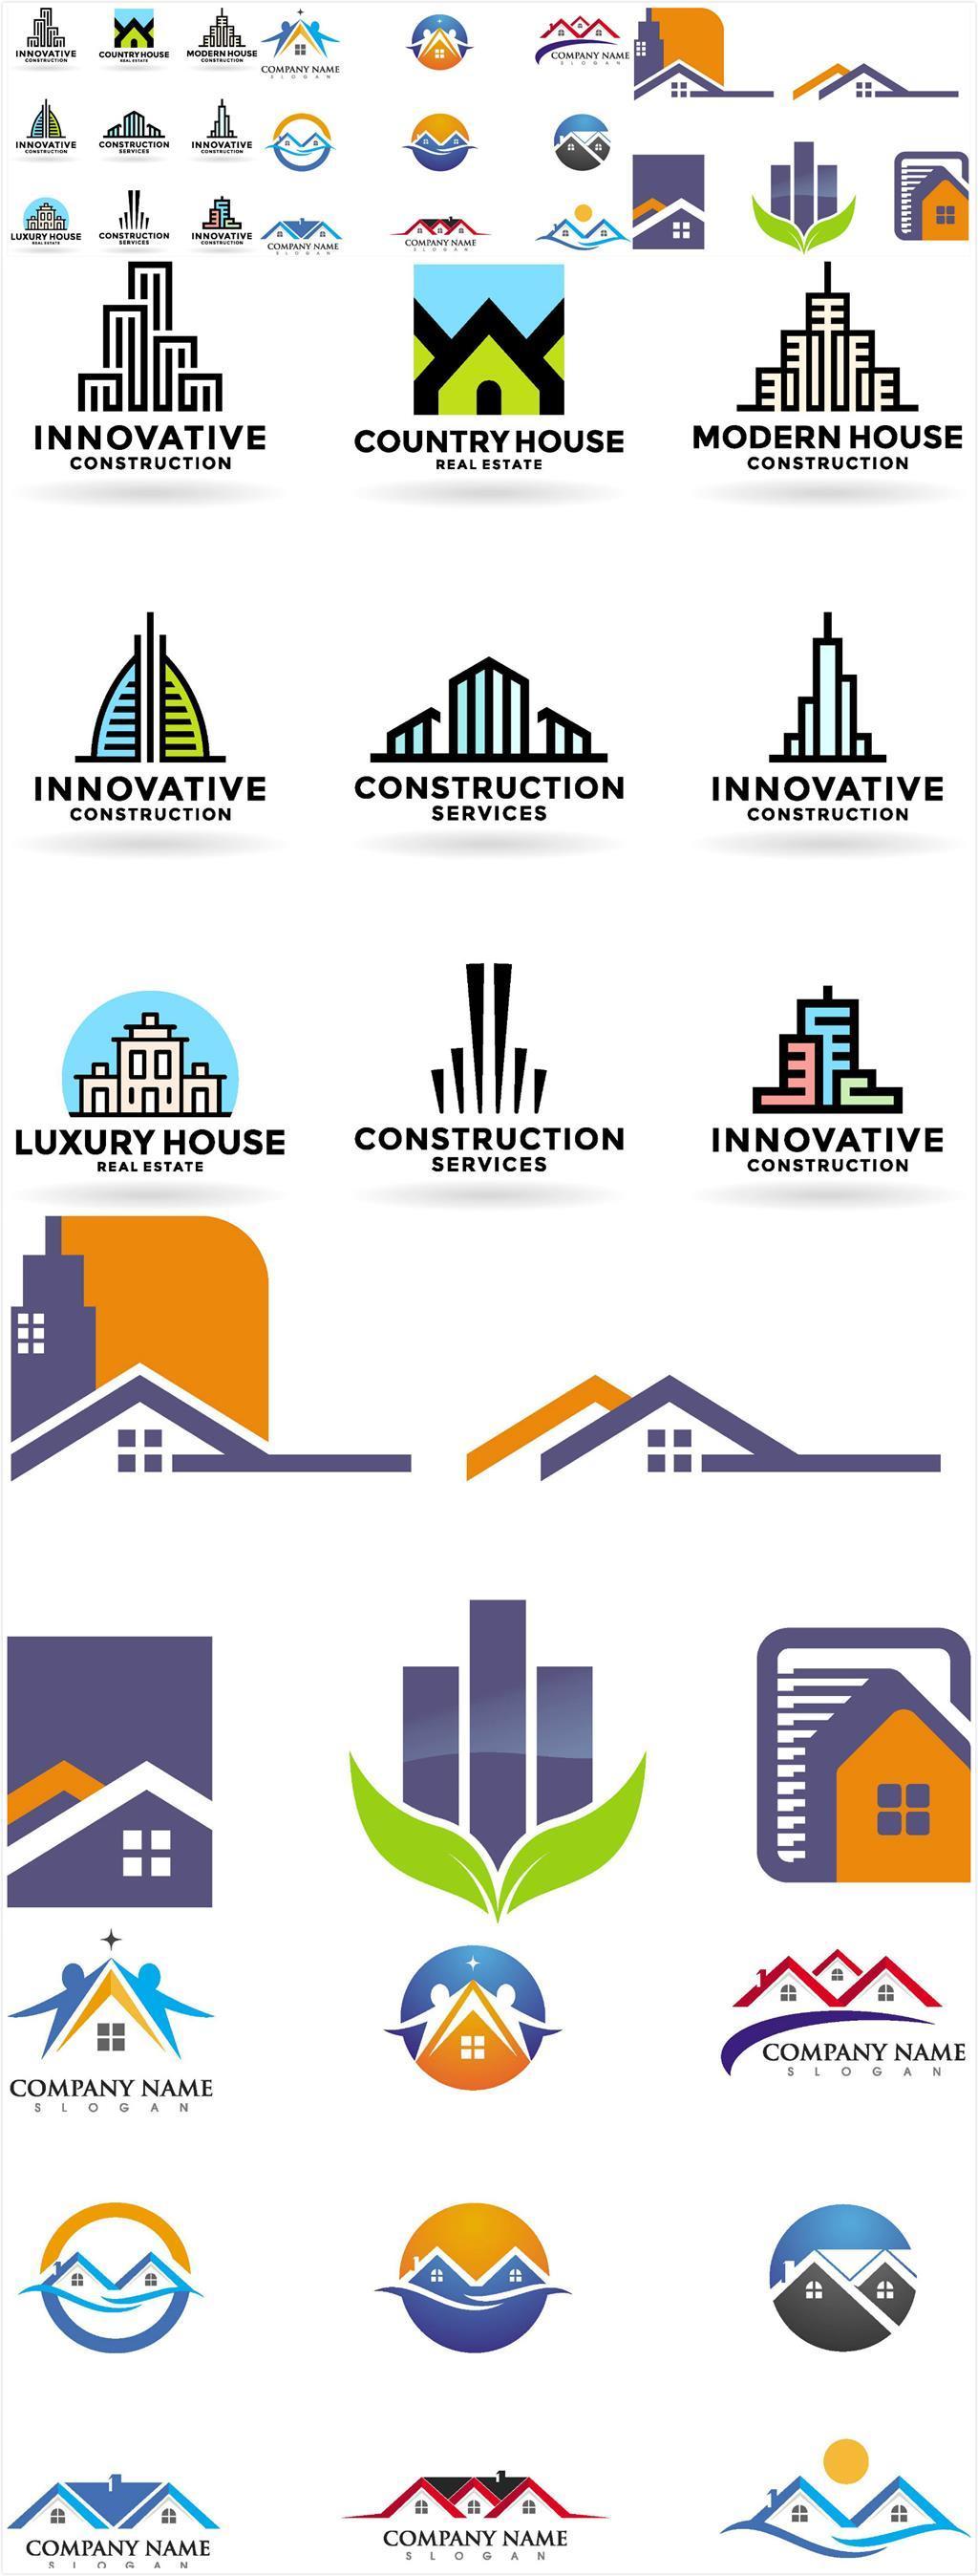 手绘城市建筑logo图片设计素材_高清ai模板下载(1.29)